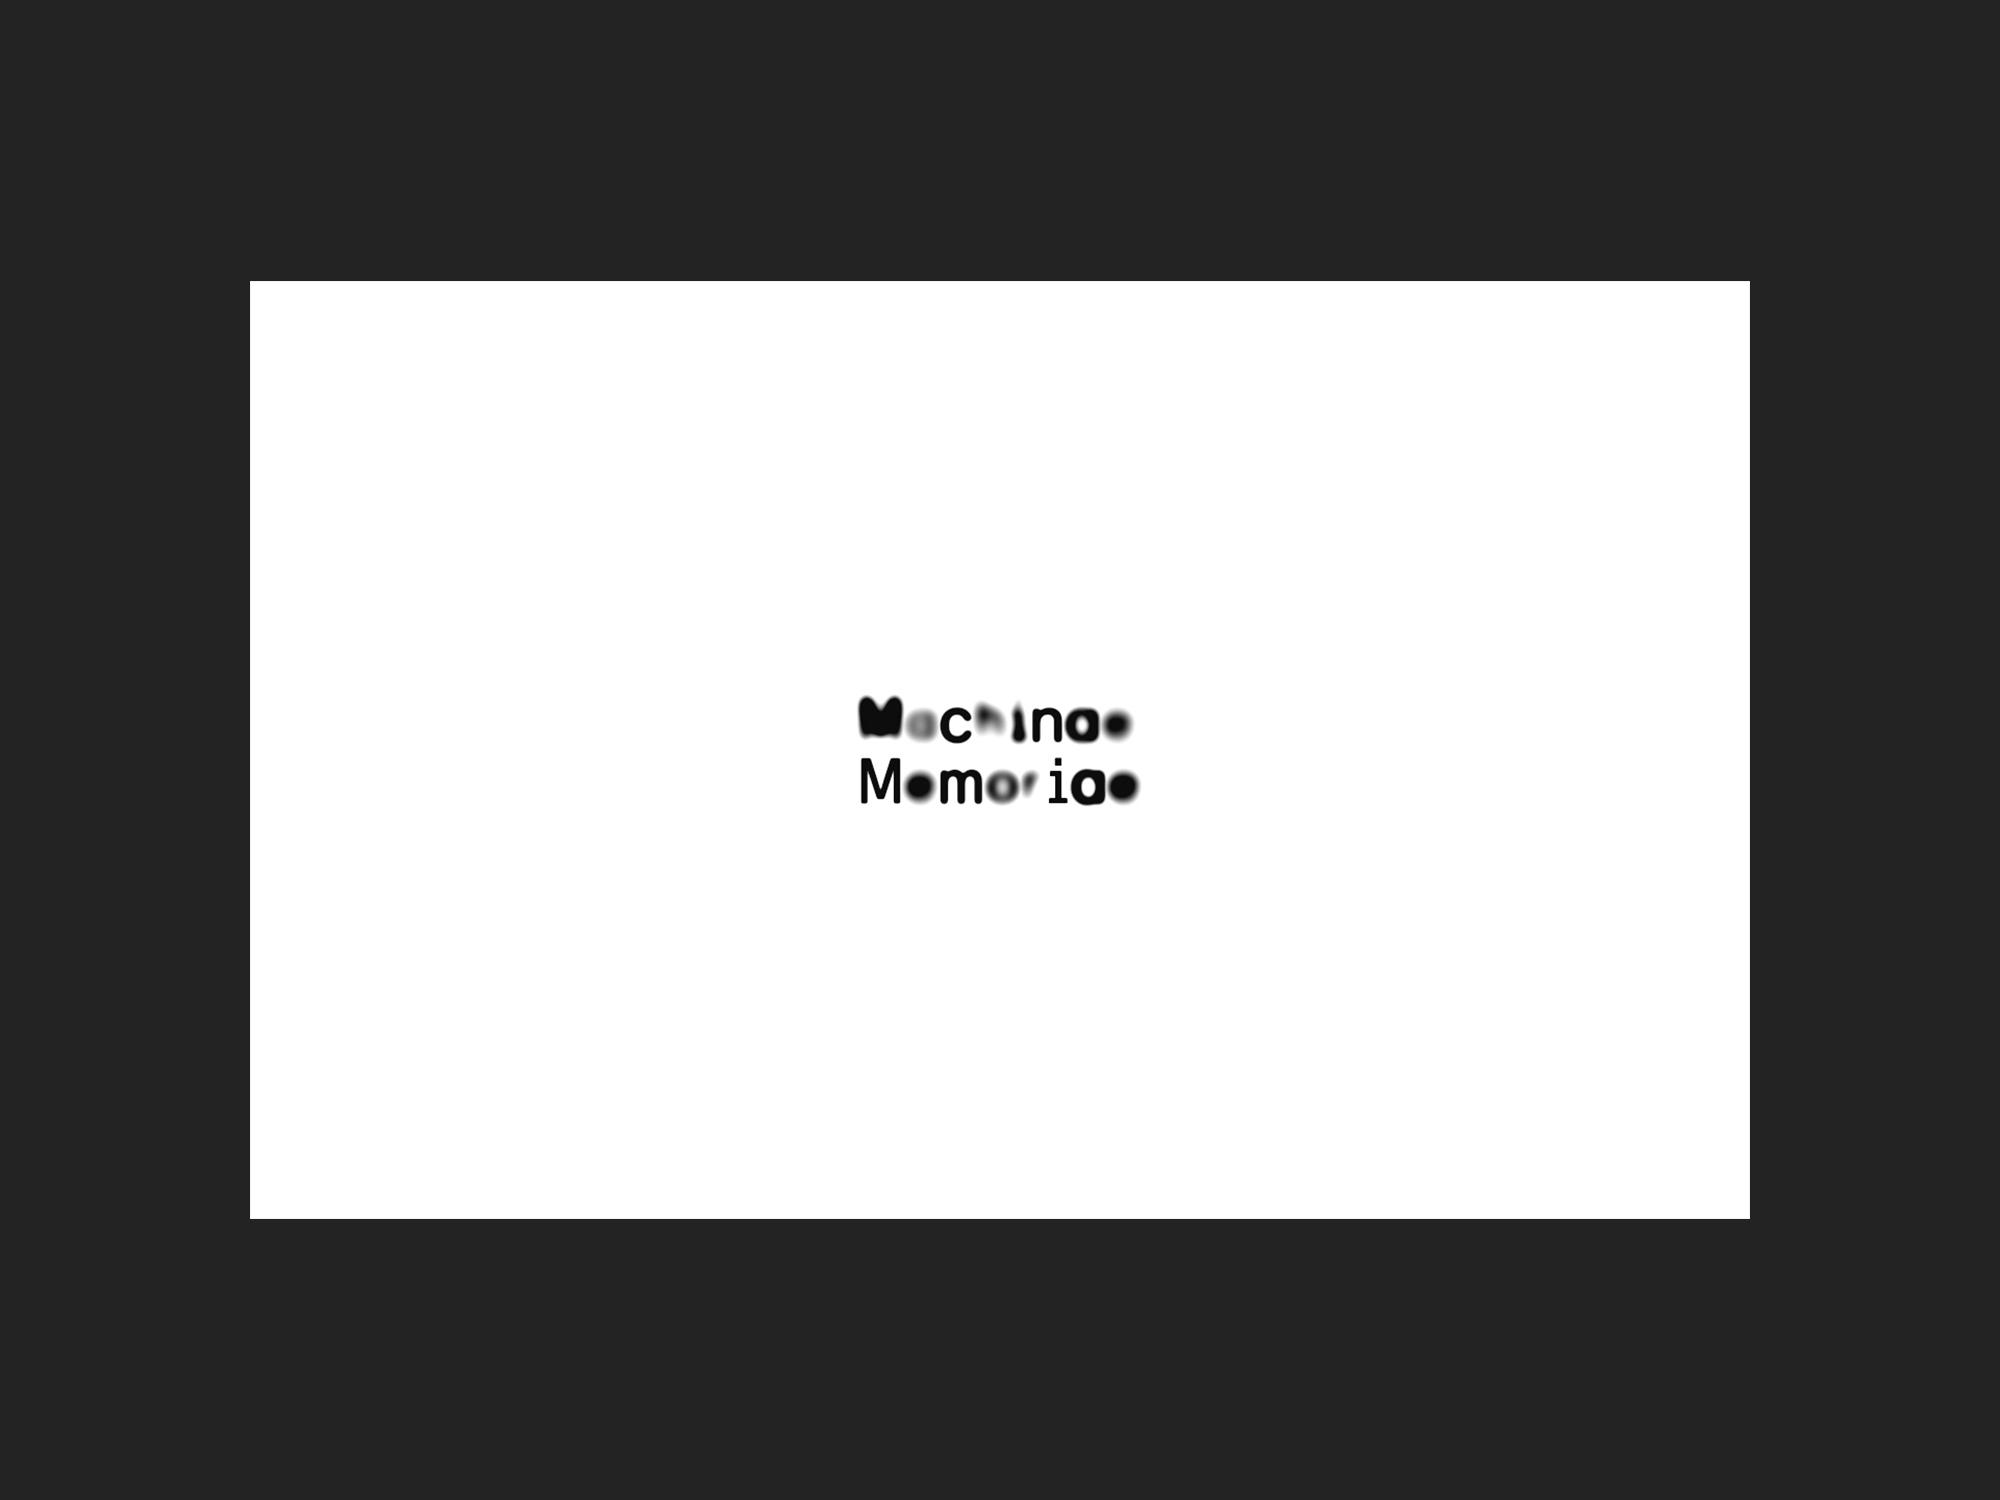 Machinae Memoriae